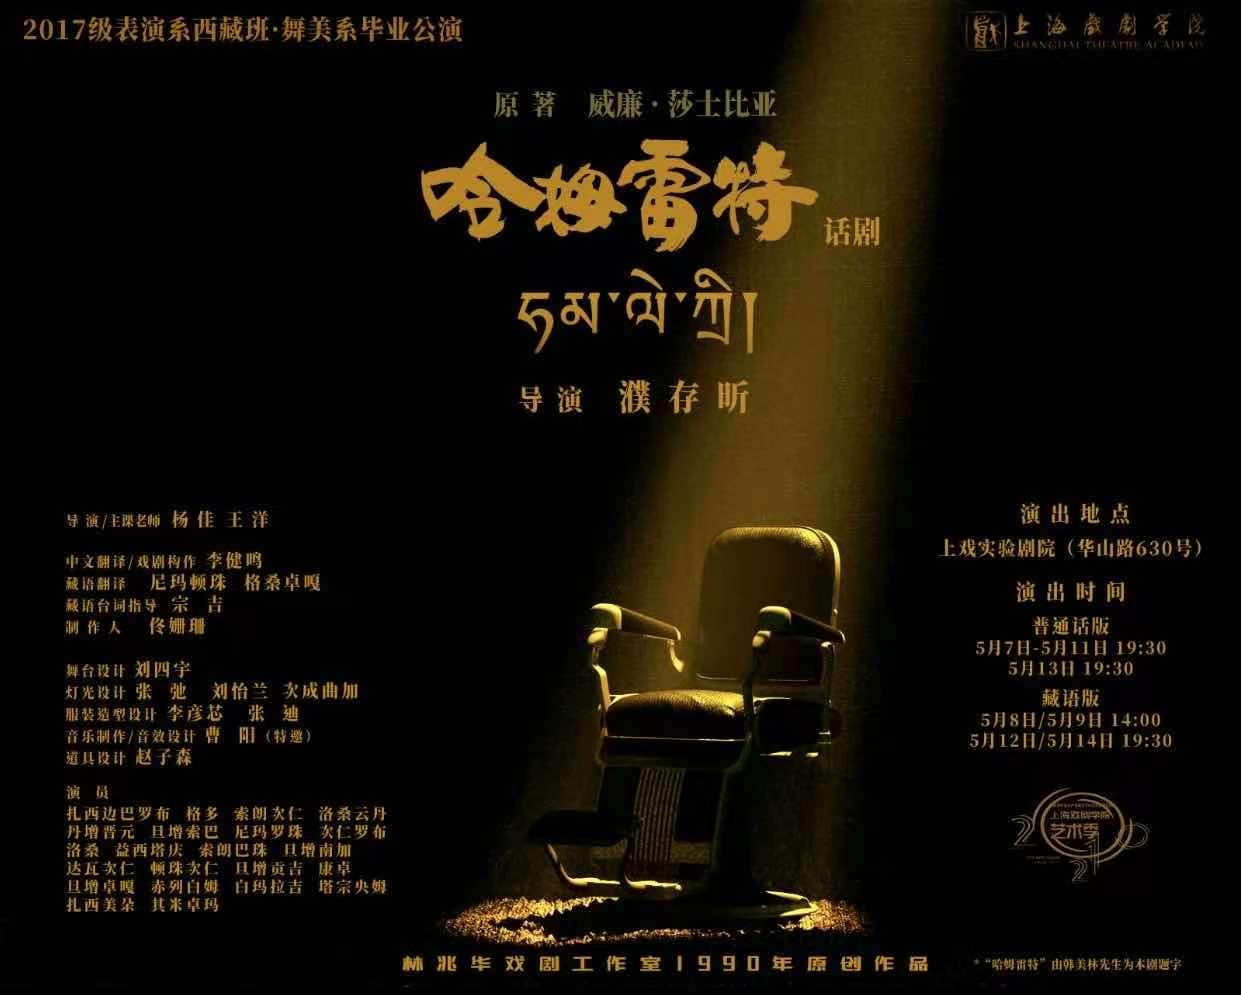 上海戏剧学院表演系首届西藏本科班上演毕业大戏《哈姆雷特》